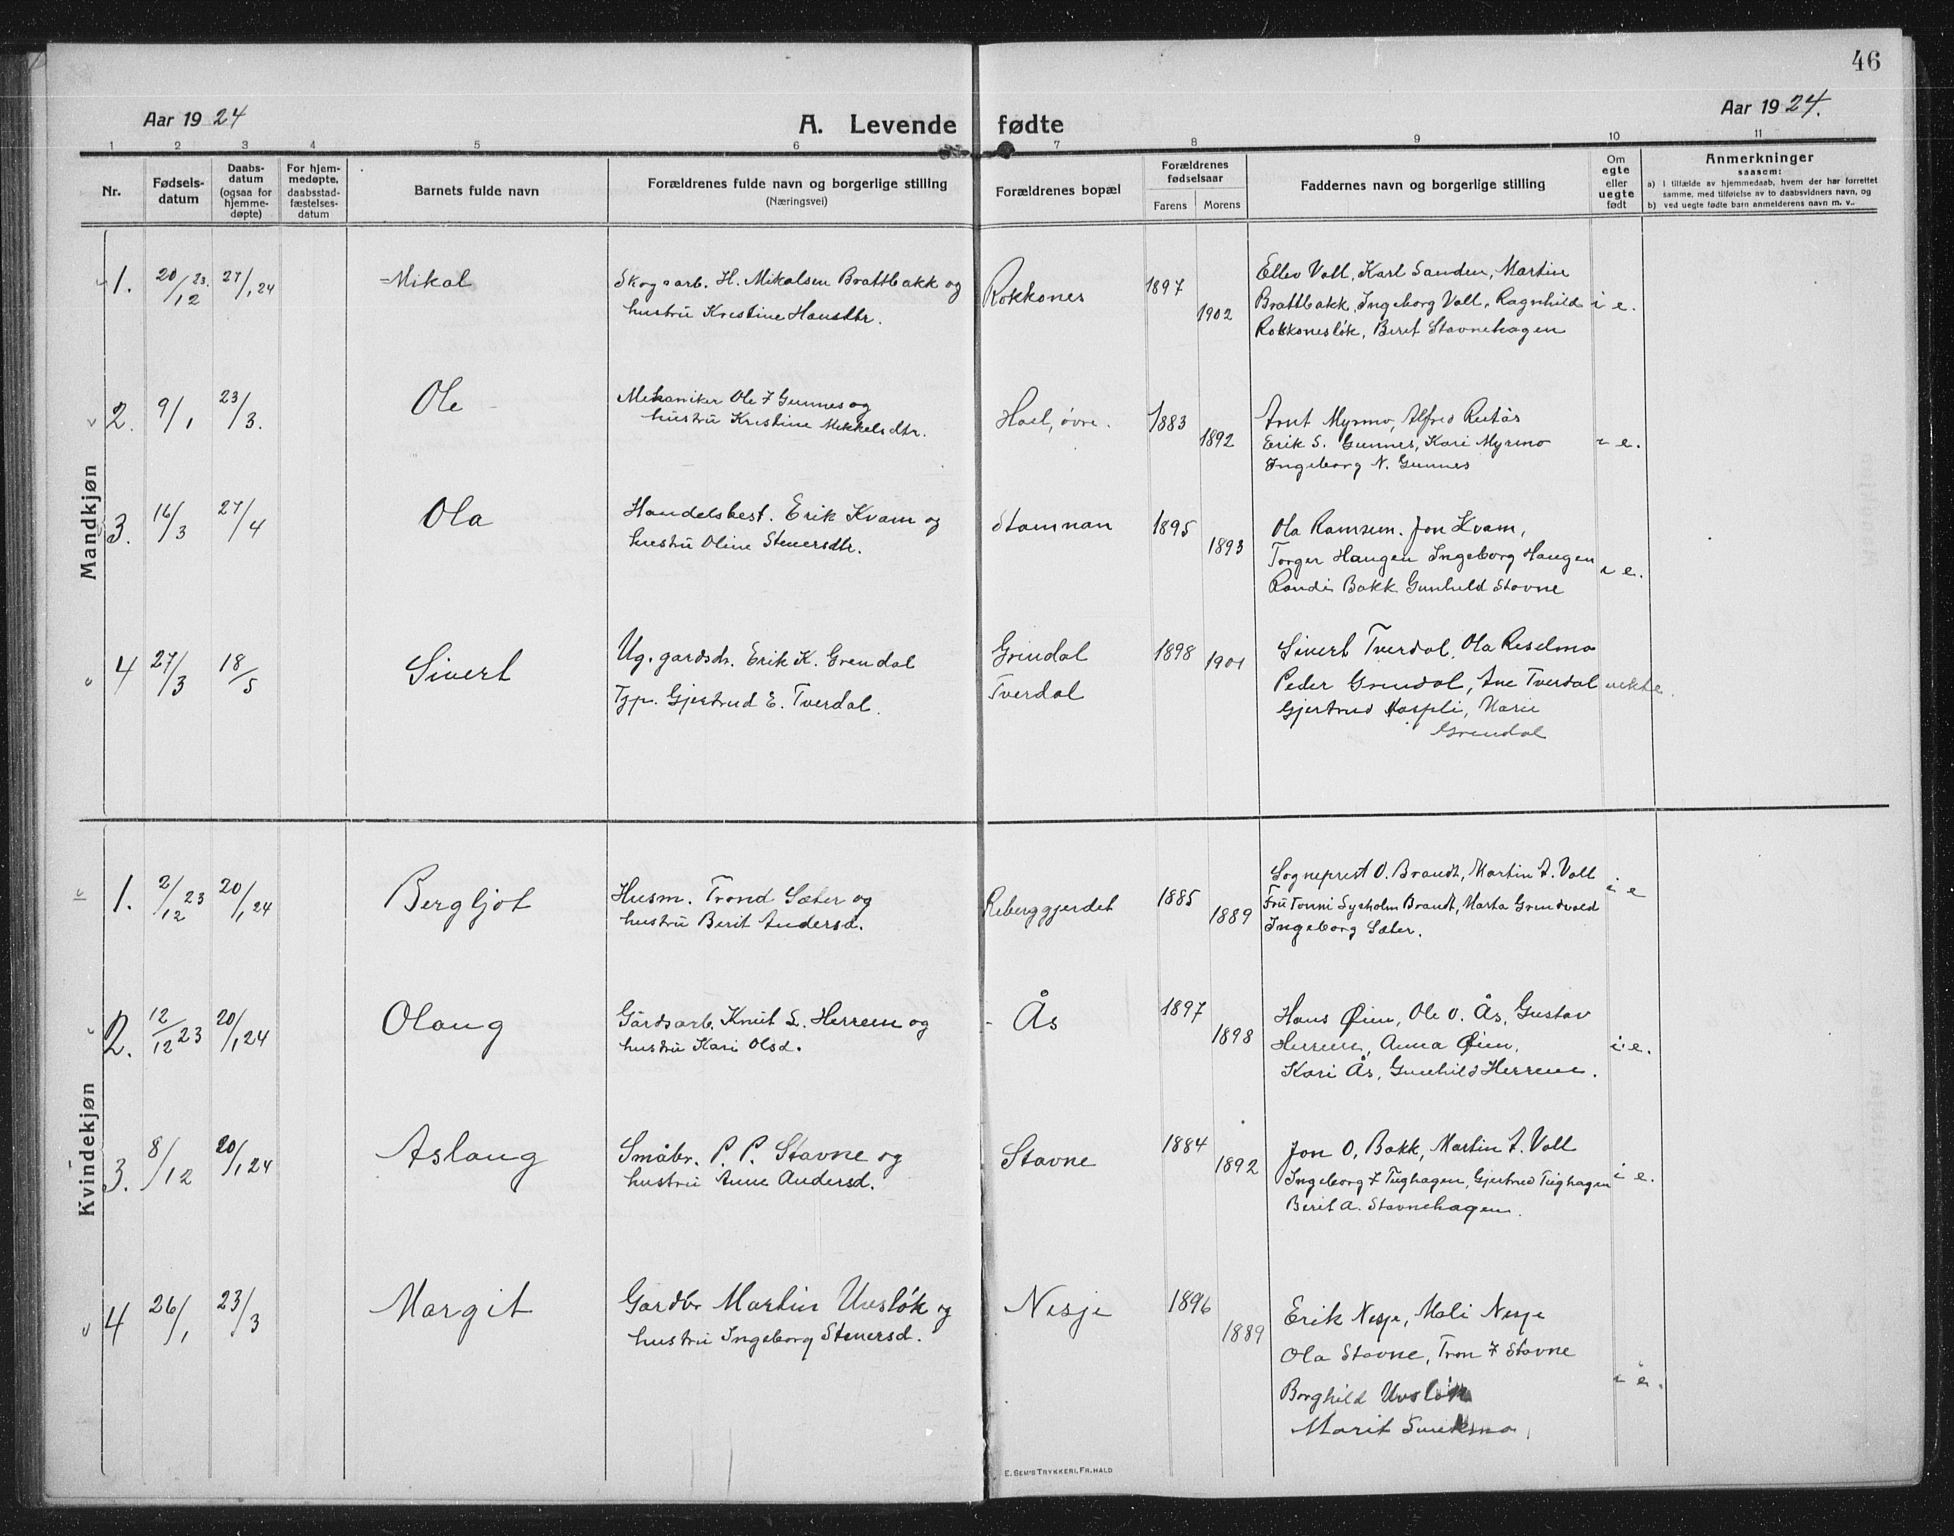 SAT, Ministerialprotokoller, klokkerbøker og fødselsregistre - Sør-Trøndelag, 674/L0877: Klokkerbok nr. 674C04, 1913-1940, s. 46